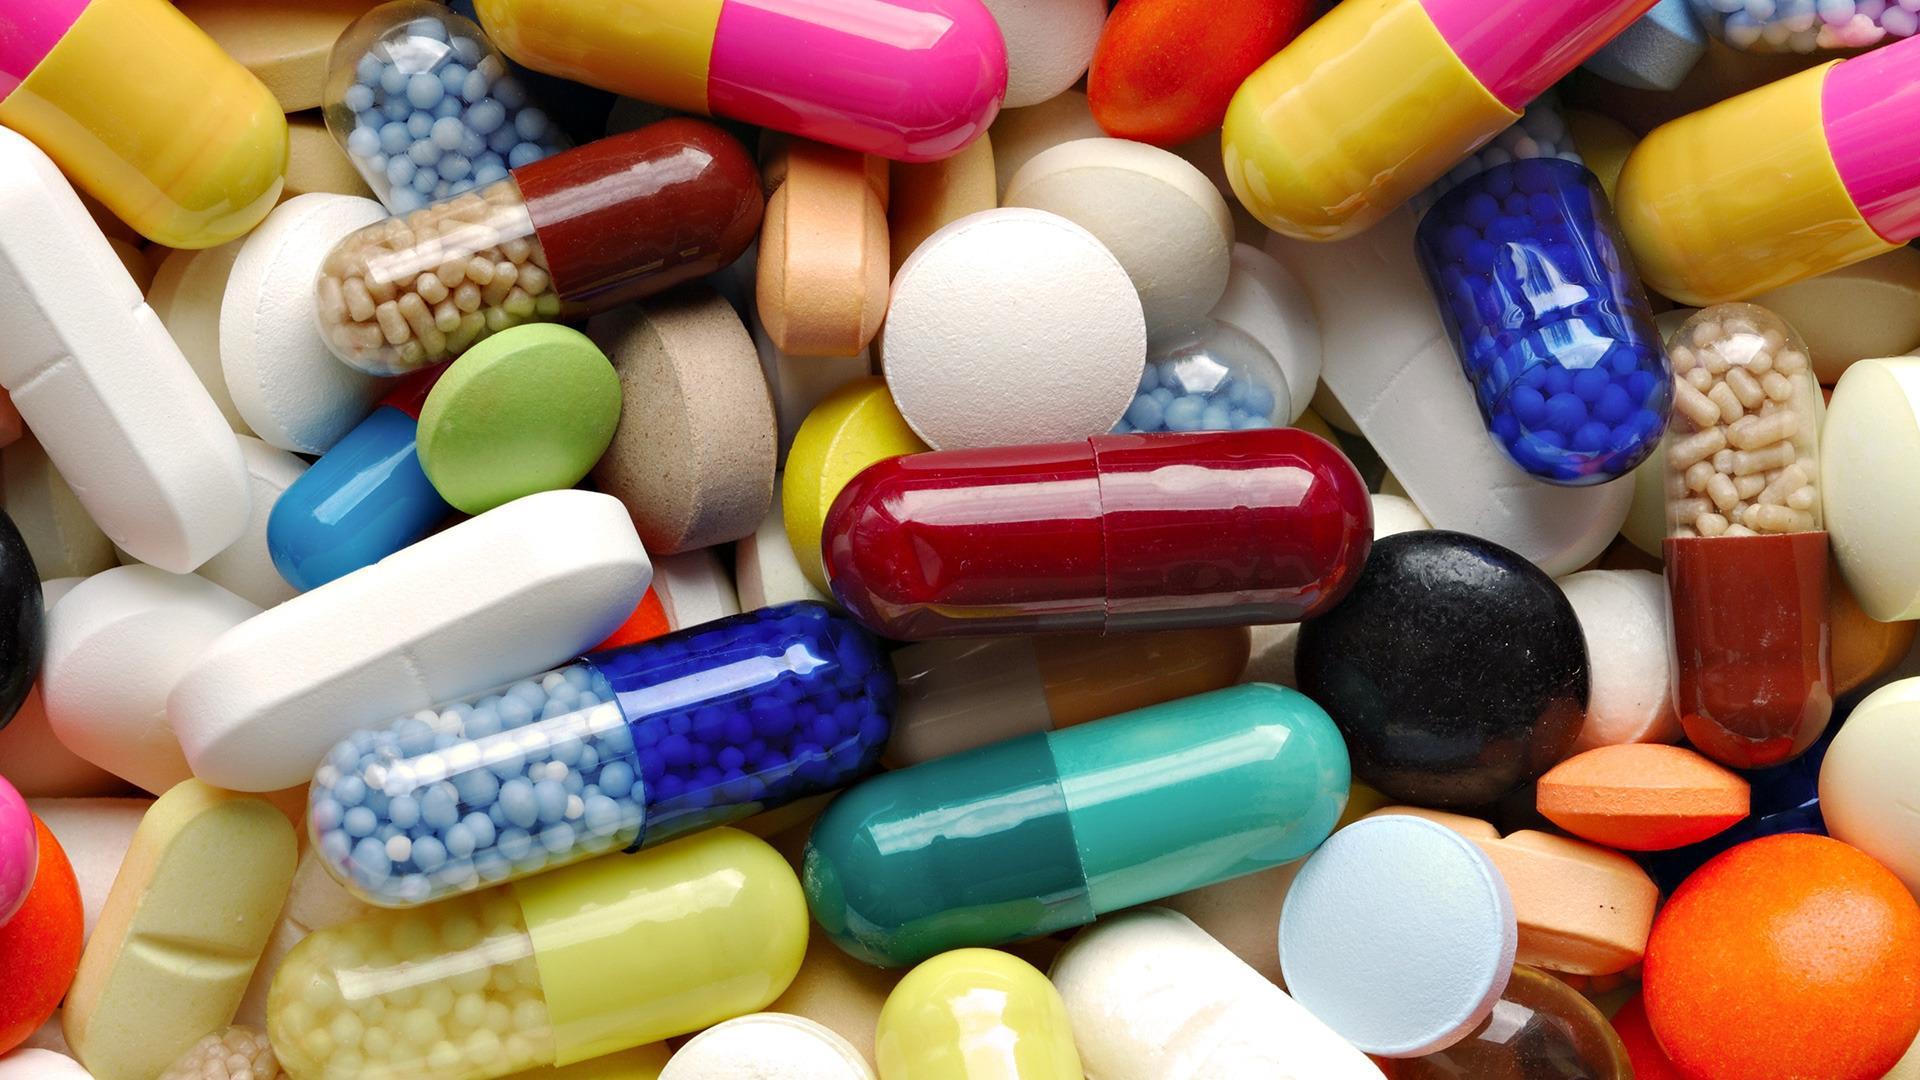 Есть ли разница между дорогими лекарствами и их дешевыми аналогами?